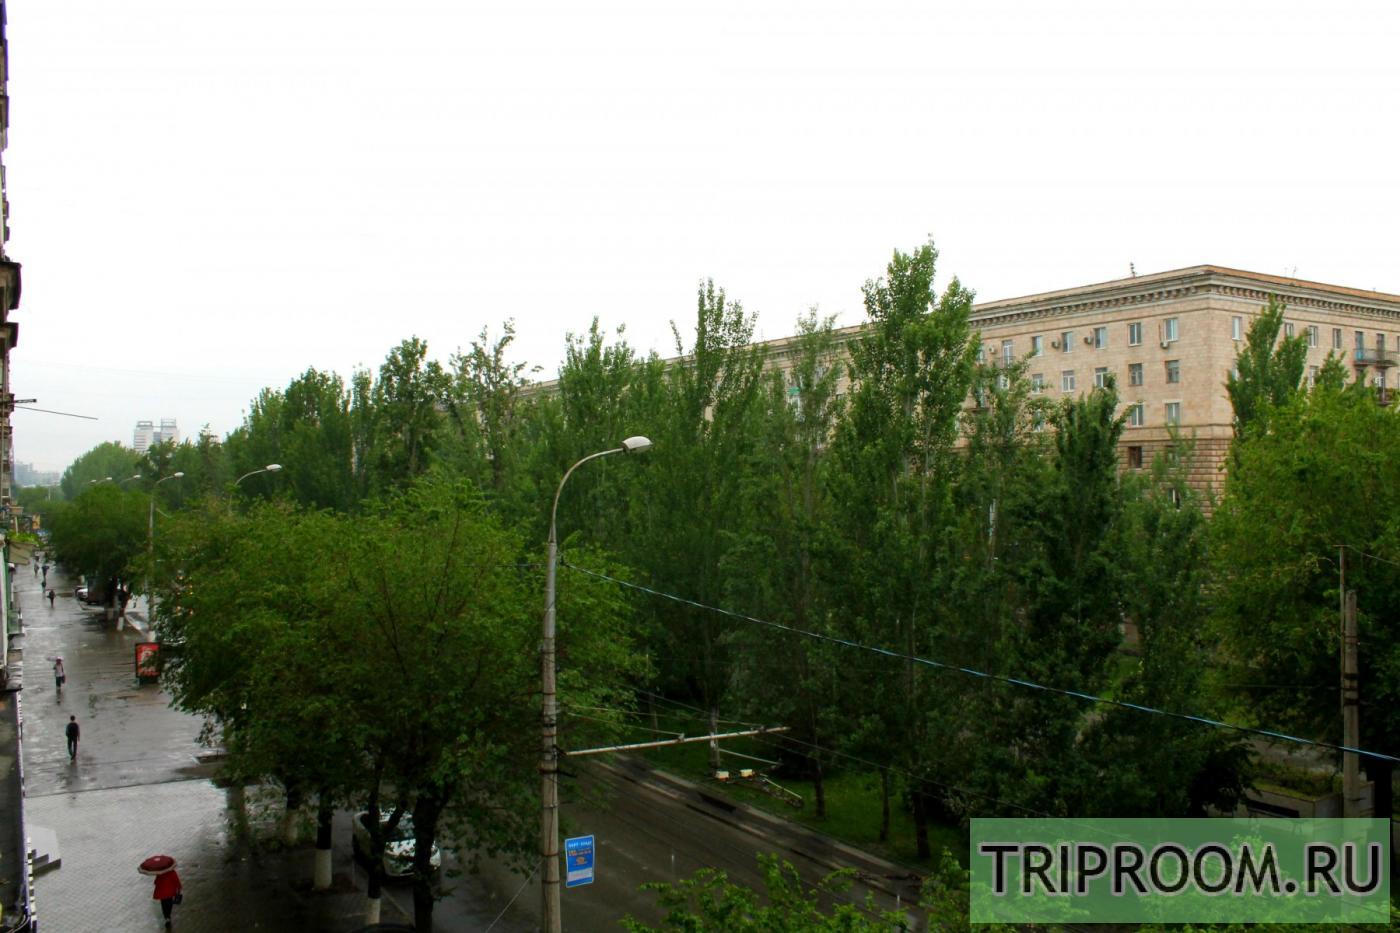 3-комнатная квартира посуточно (вариант № 20393), ул. Ленина проспект, фото № 19